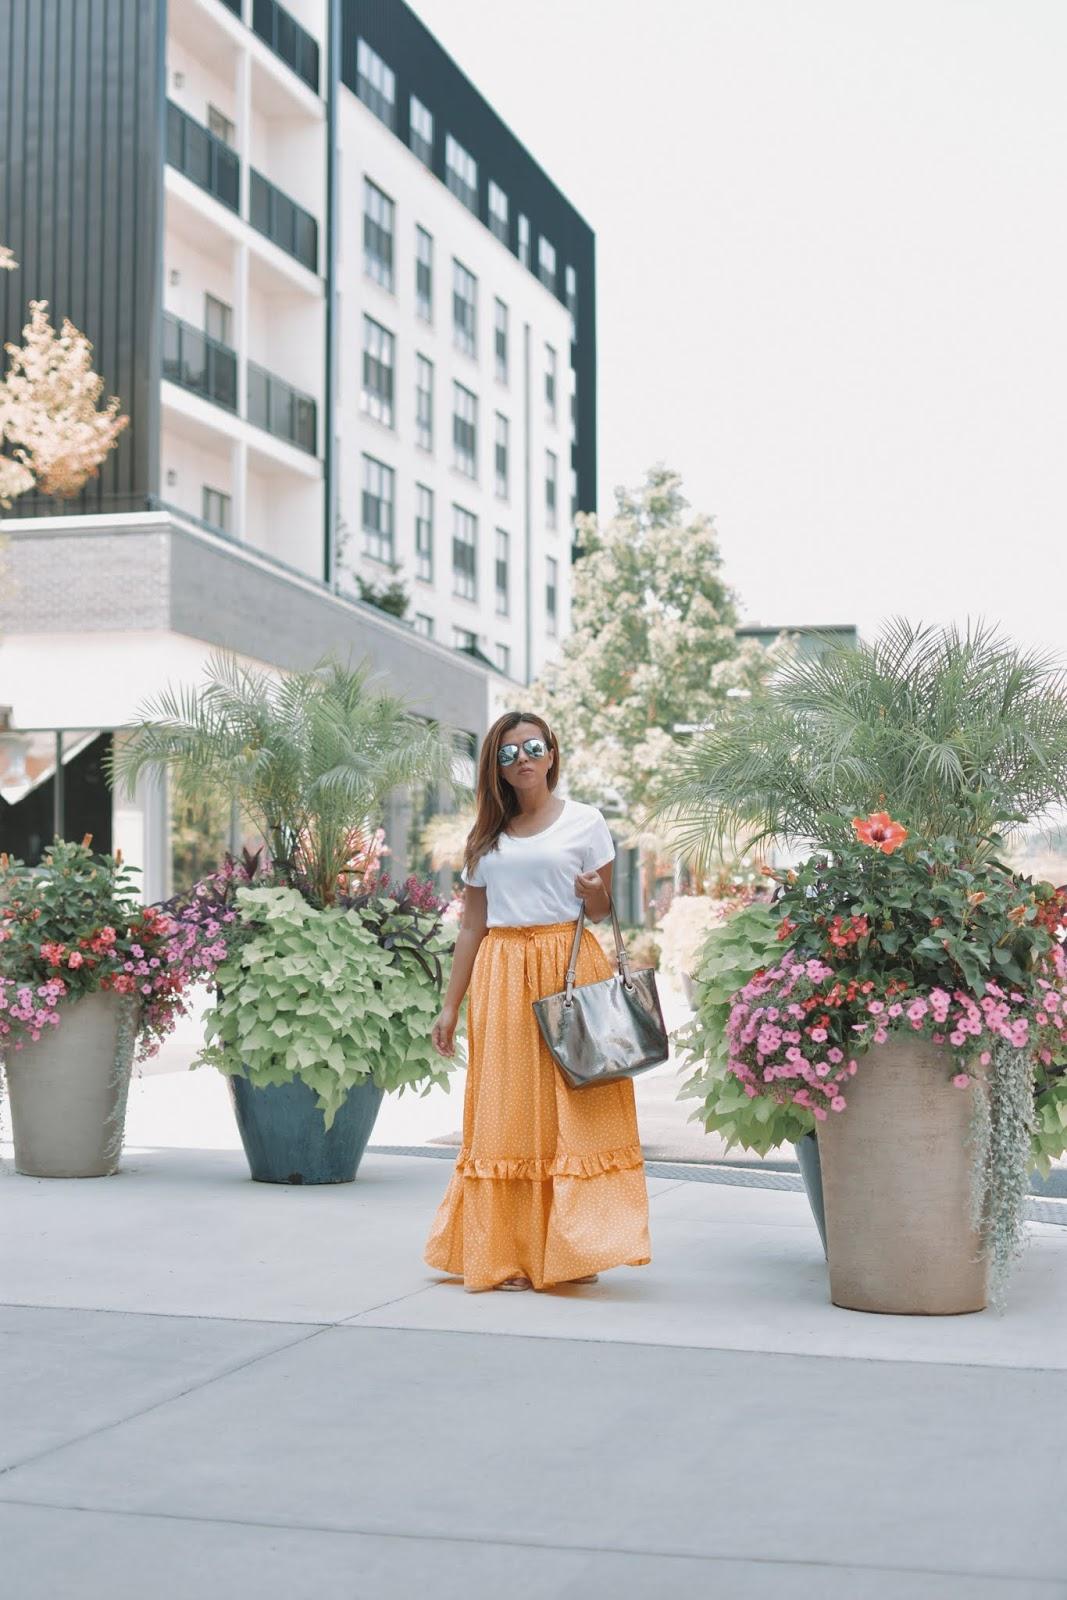 Como usar falda larga de polka dots by Mari Estilo-sheingals-dcblogger-fashionblogger-verano2019-outfits baratos-moda2019-